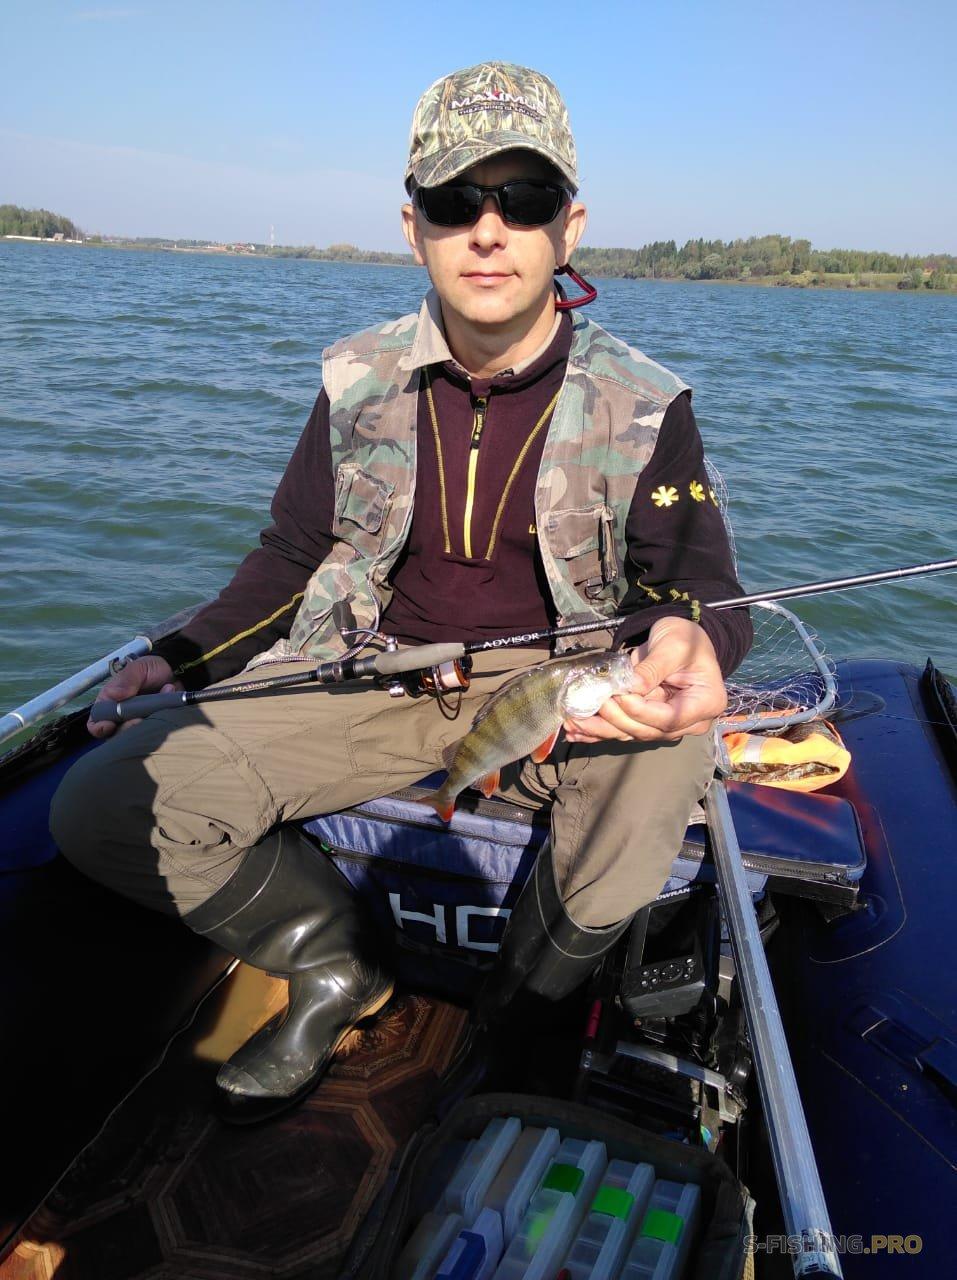 EcoGroup - эксклюзивный представитель брендов Maximus, Alaskan, LureMax, PowerPhantom, BlackSide, EcoPro, Saykio: Рыбалка-радость, а рыбалка с семьёй-счастье!!!